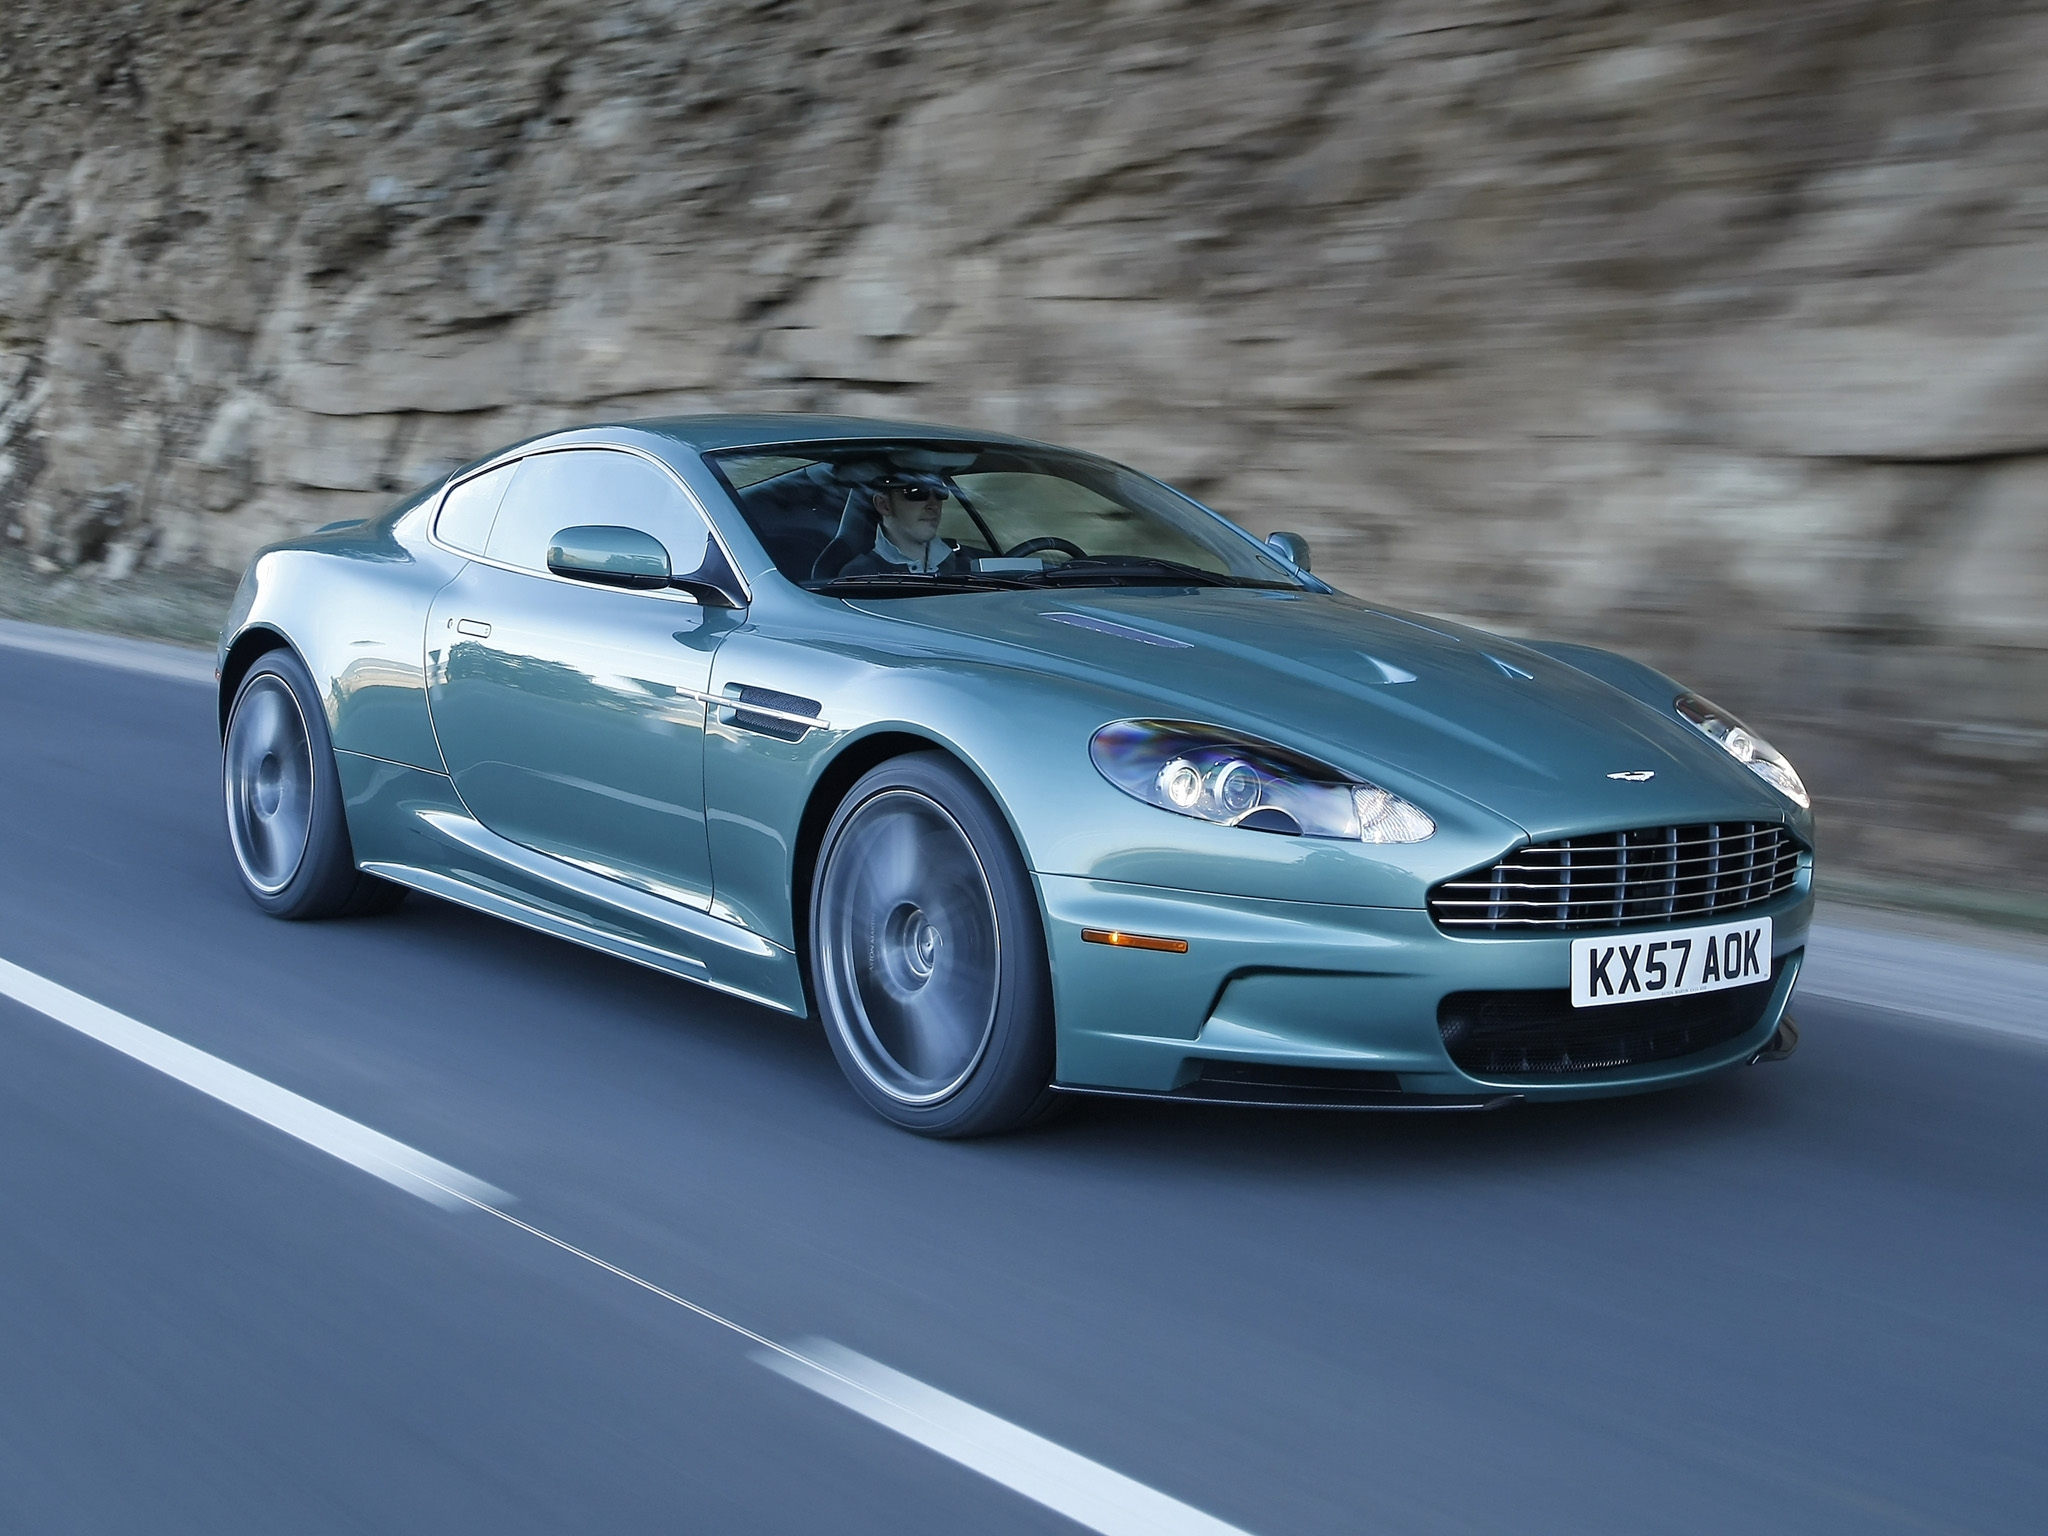 150553 скачать обои Машины, Астон Мартин (Aston Martin), Тачки (Cars), Скала, Зеленый, Вид Сбоку, Dbs, 2008 - заставки и картинки бесплатно